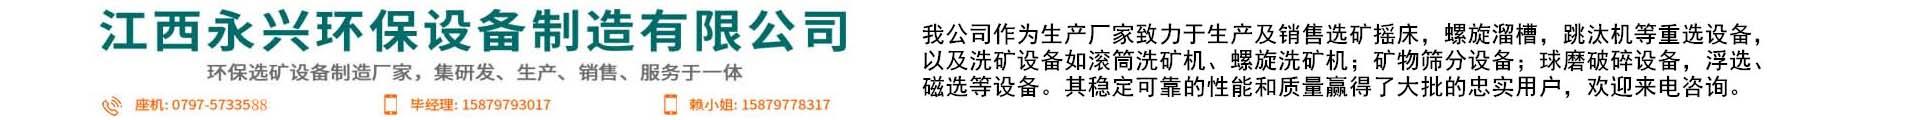 江西永興環保設備製造有限公司